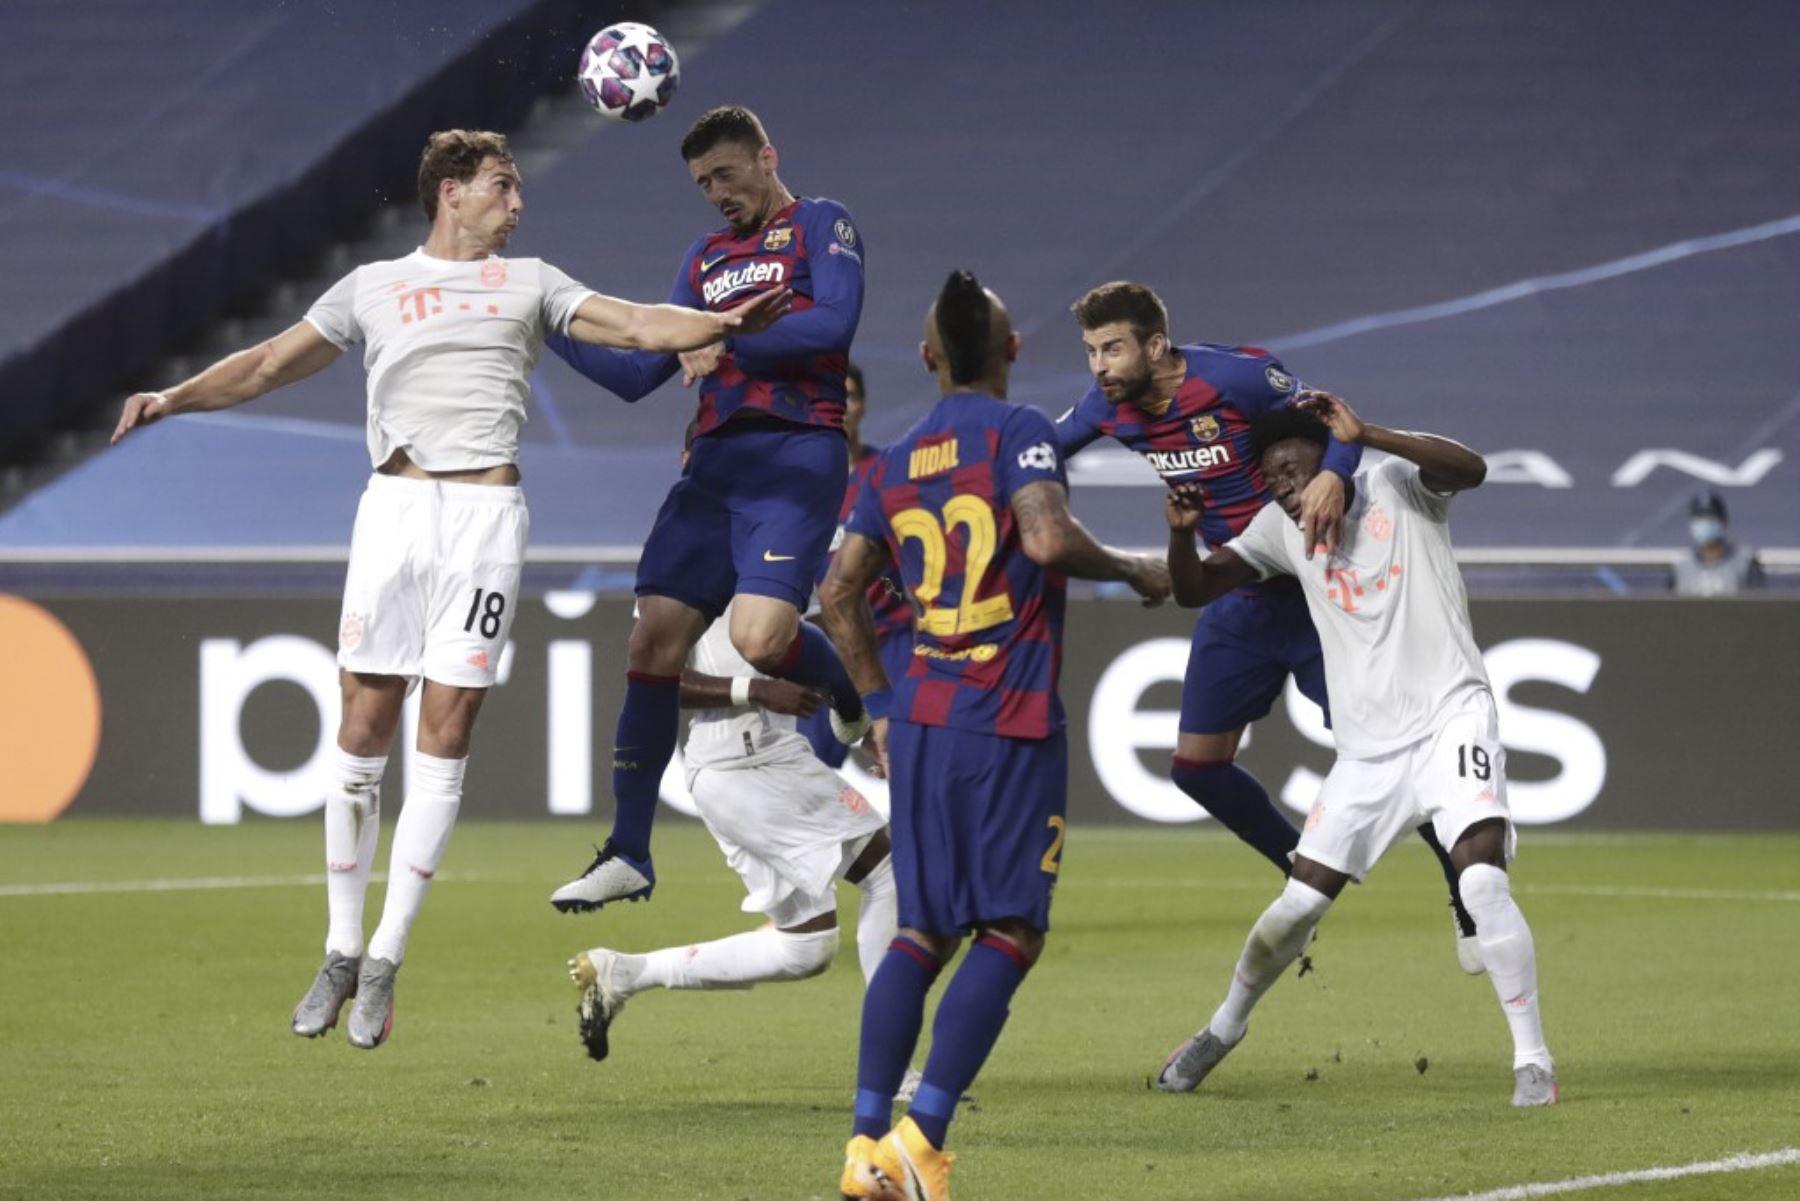 El centrocampista alemán del Bayern Munich Leon Goretzka cabecea el balón con el defensor francés del Barcelona Clement Lenglet , durante el partido de fútbol de cuartos de final de la Liga de Campeones de la UEFA entre el Barcelona y el Bayern Munich en el estadio Luz de Lisboa.Foto:AFP